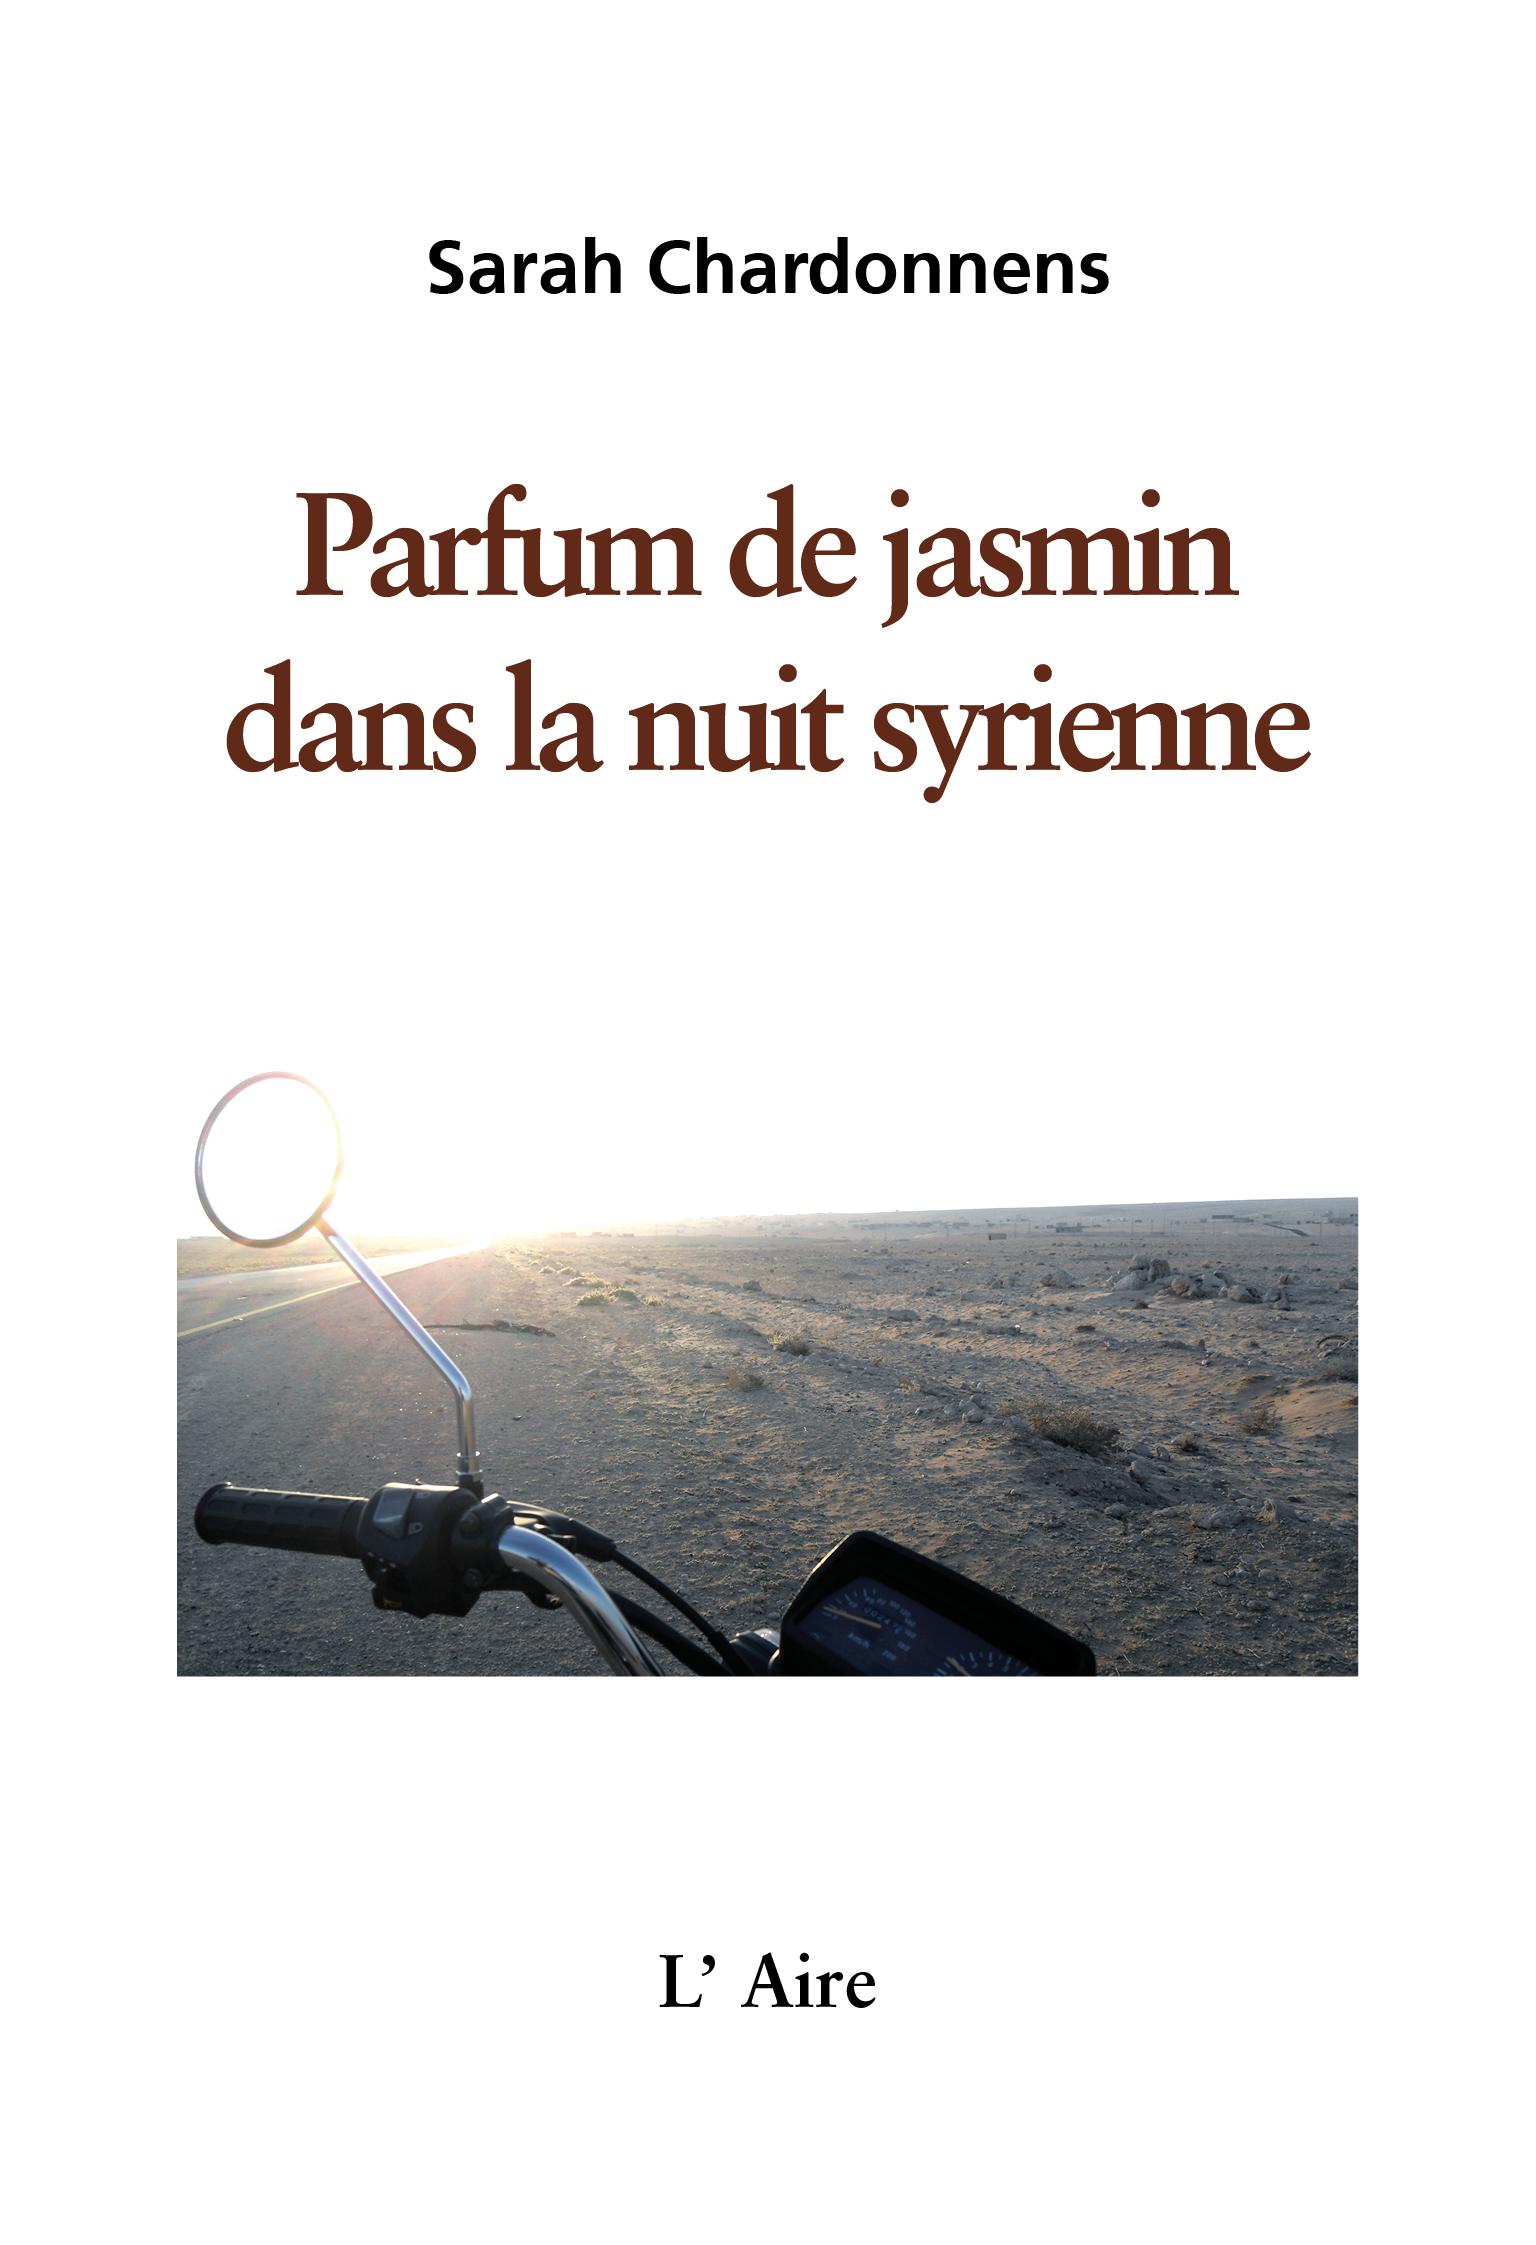 Parfum de jasmin dans la nuit syrienne, Chardonnens, Sarah